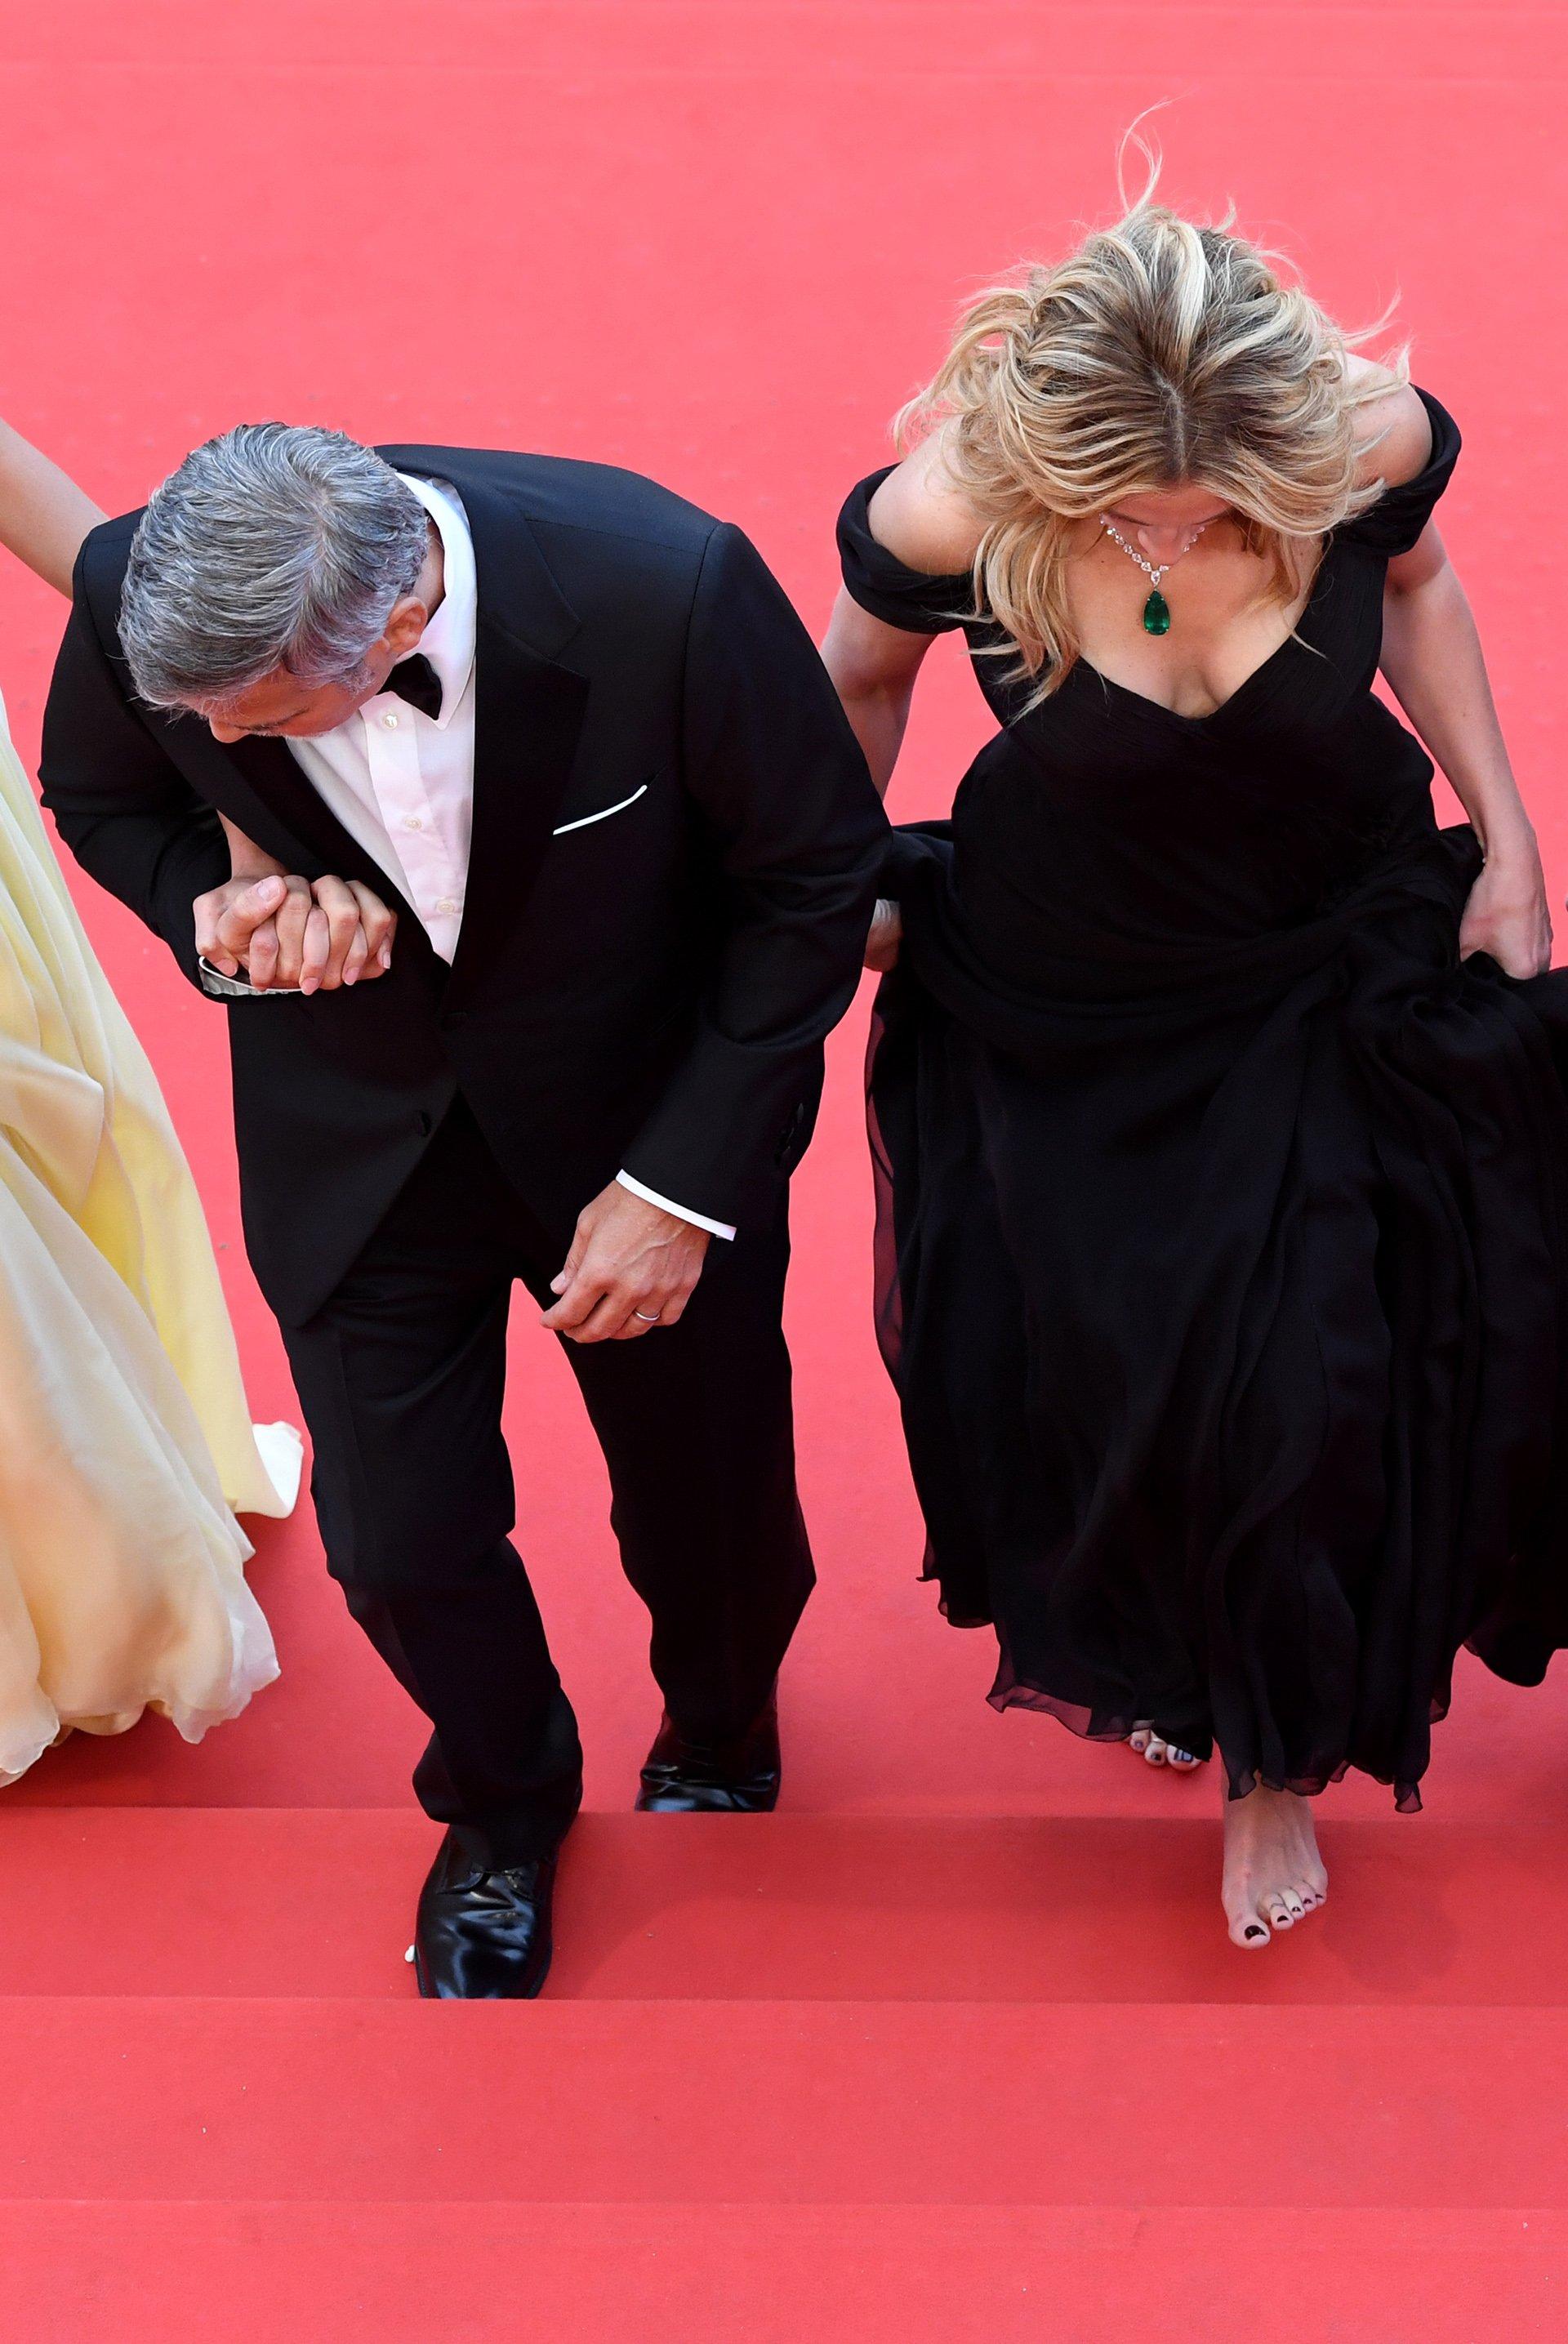 George Clooney acompaña a su compañera y amiga. No es la primera vez que Julia Roberts muestra sus pies desnudos en una gala. En 2013, hizo lo mismo al subir al escenario de los premios BAFTA en el que la esperaba Sean Penn